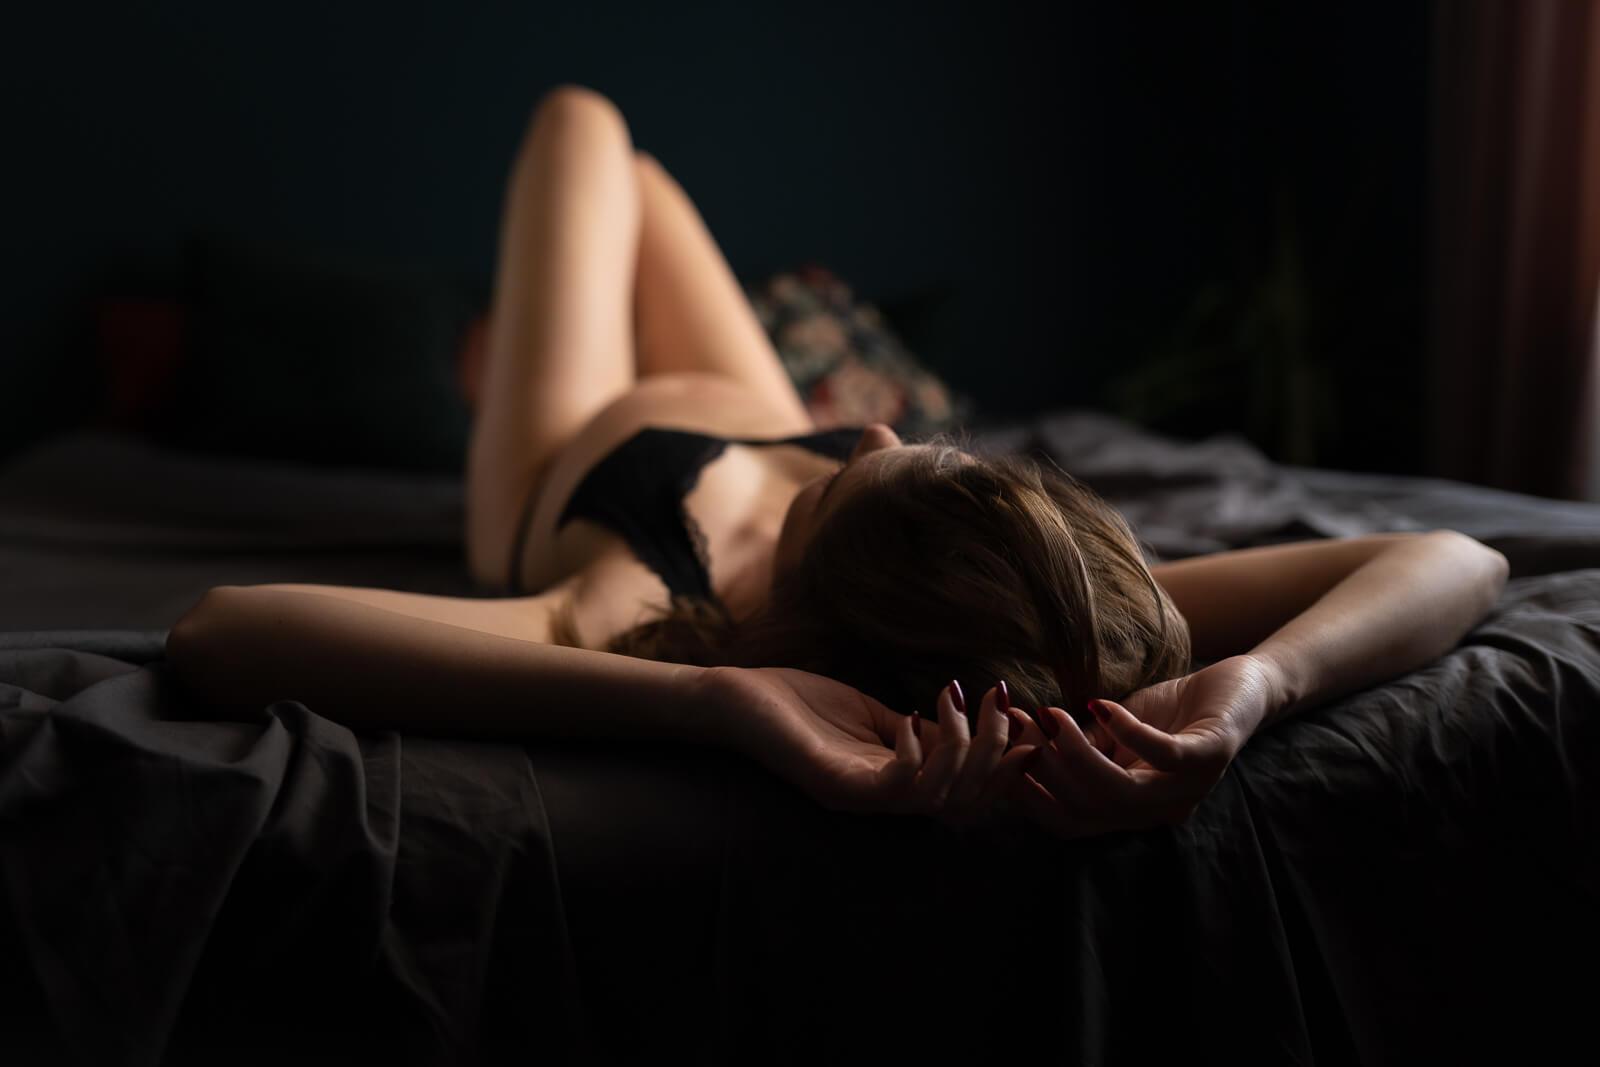 Zwanger vrouw in lingerie